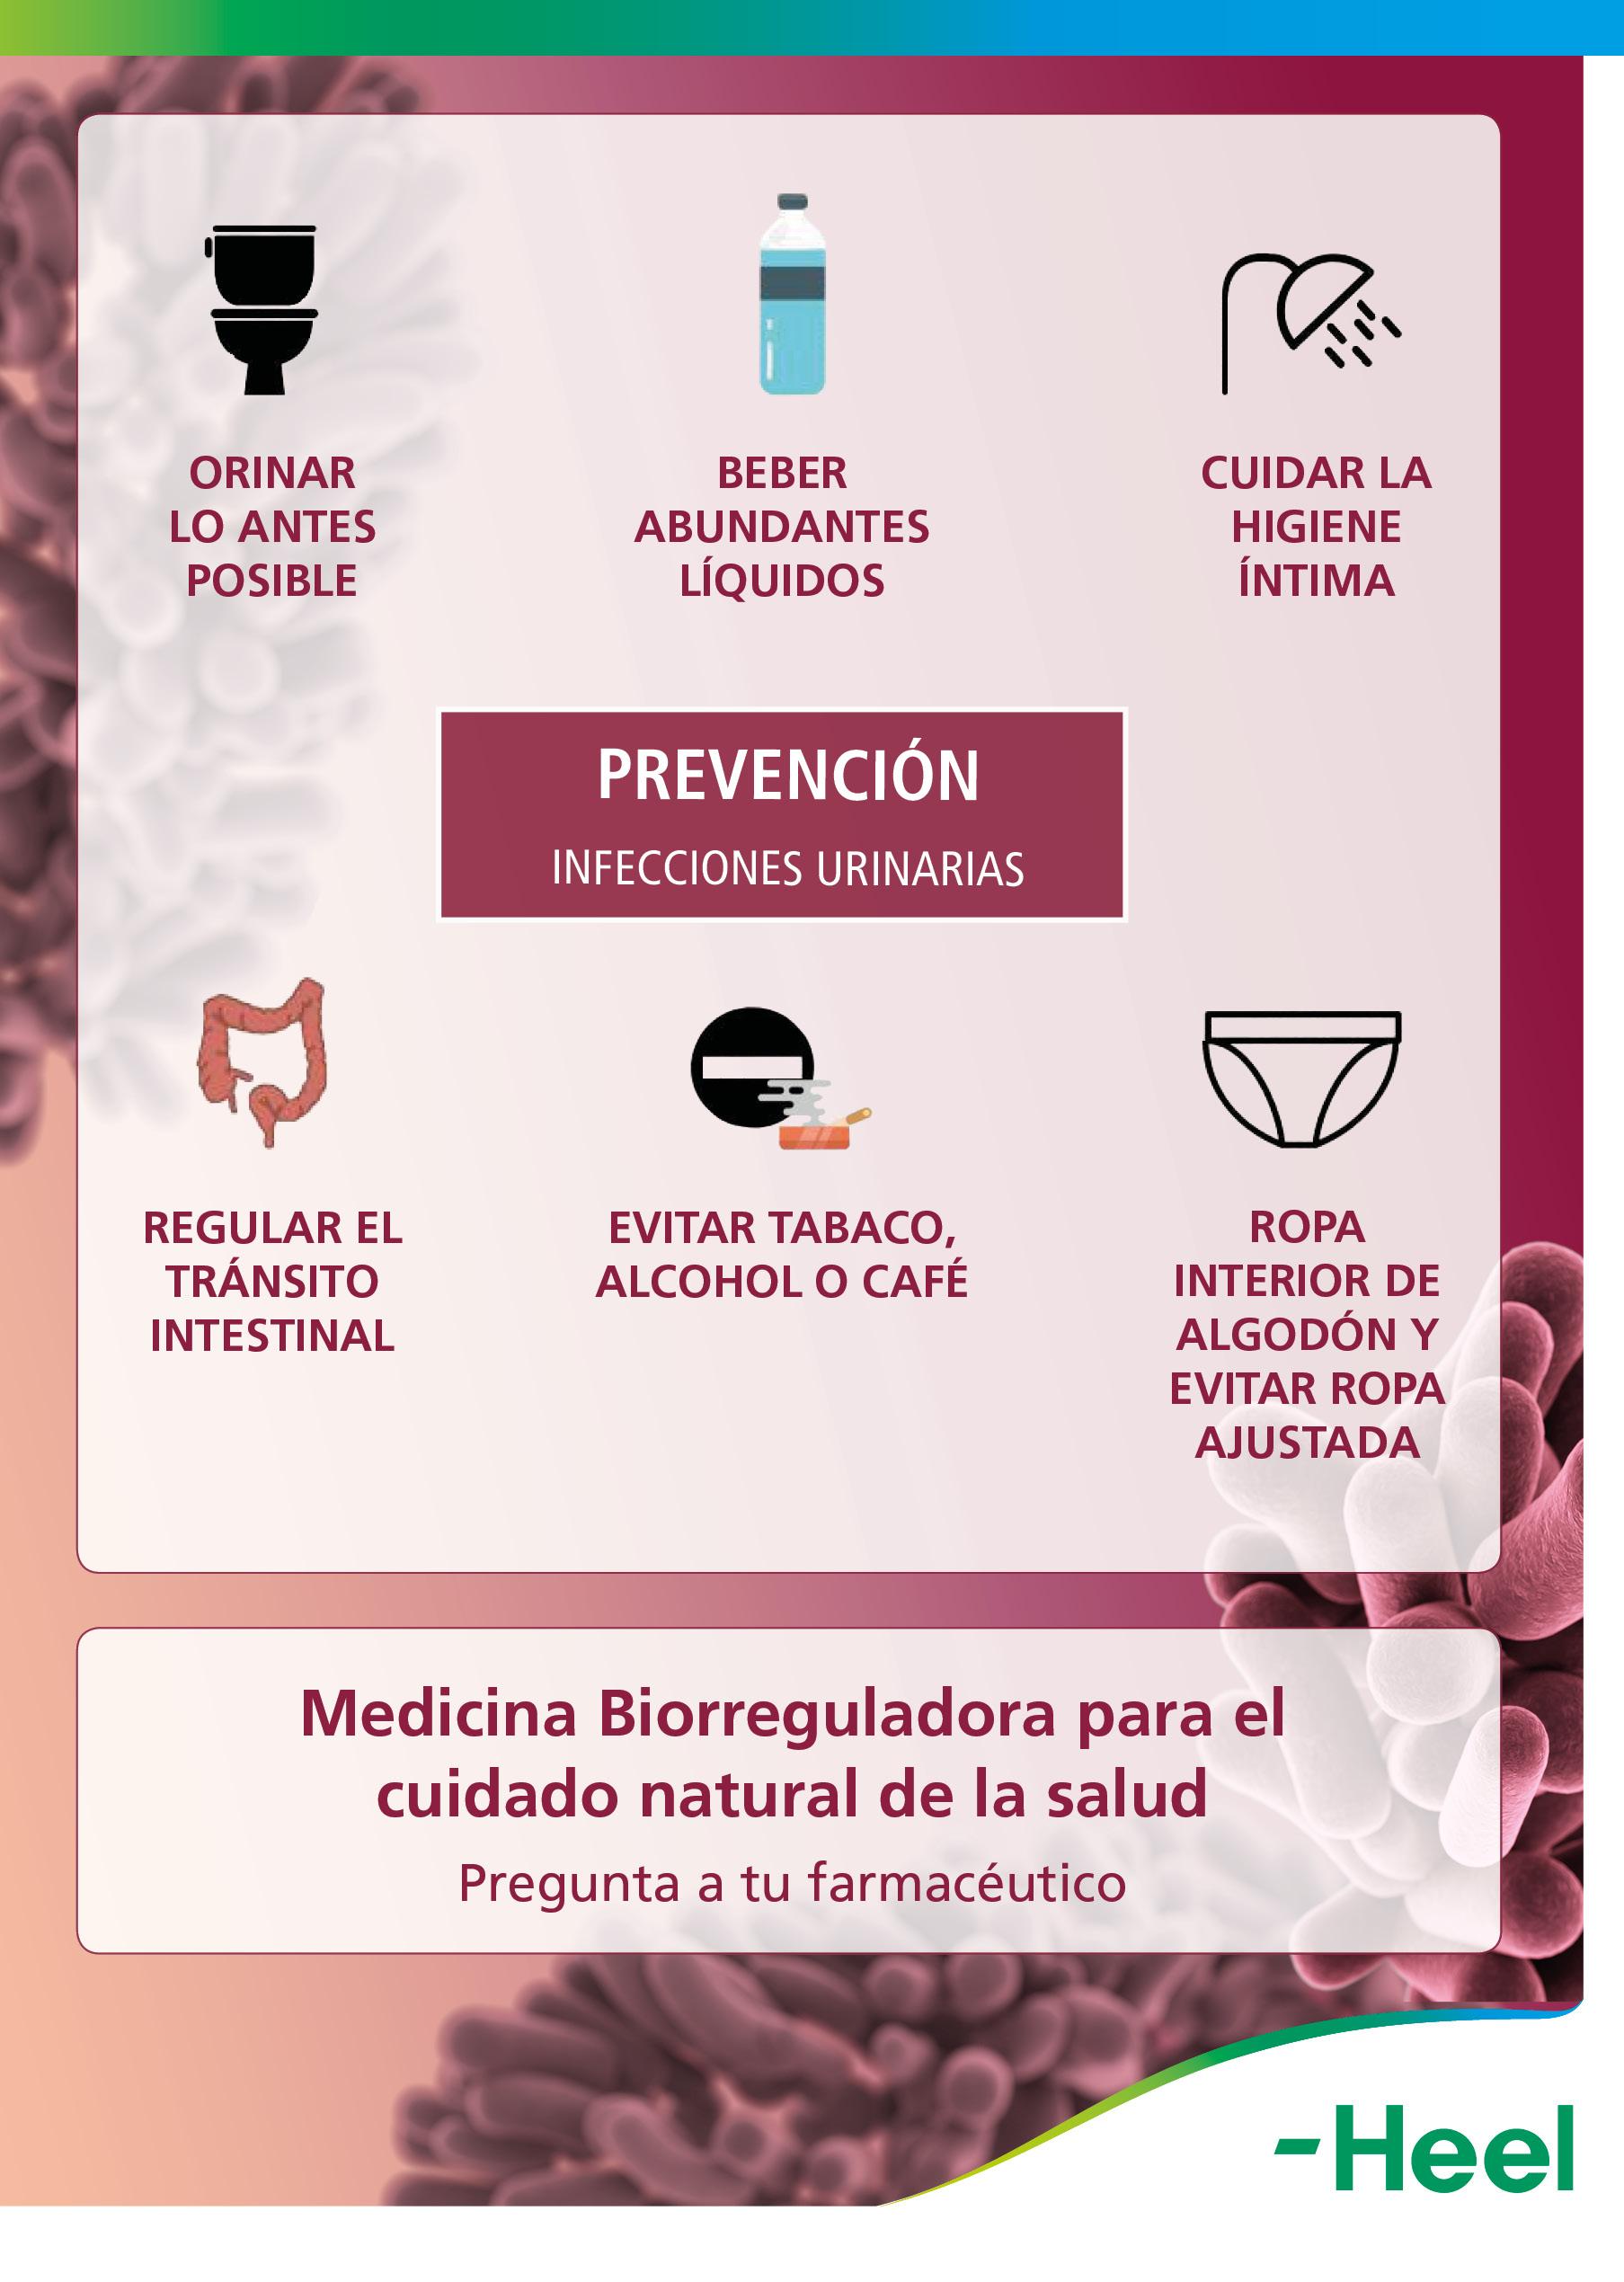 infeccion-urinaria